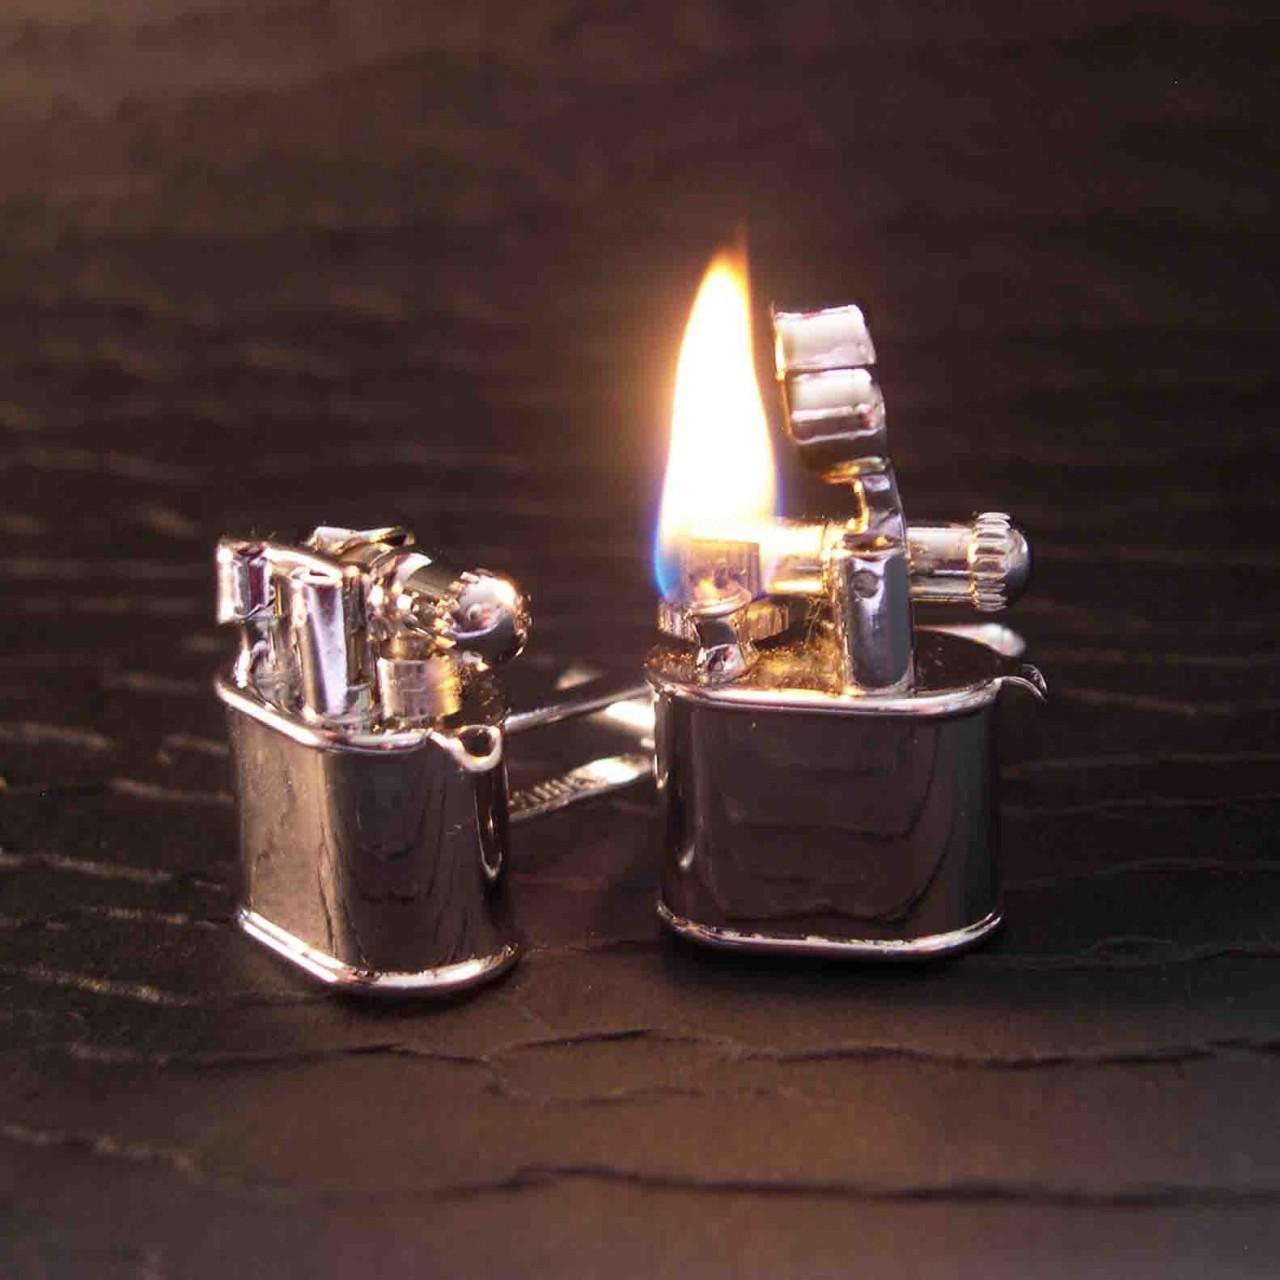 lighter cufflinks you light